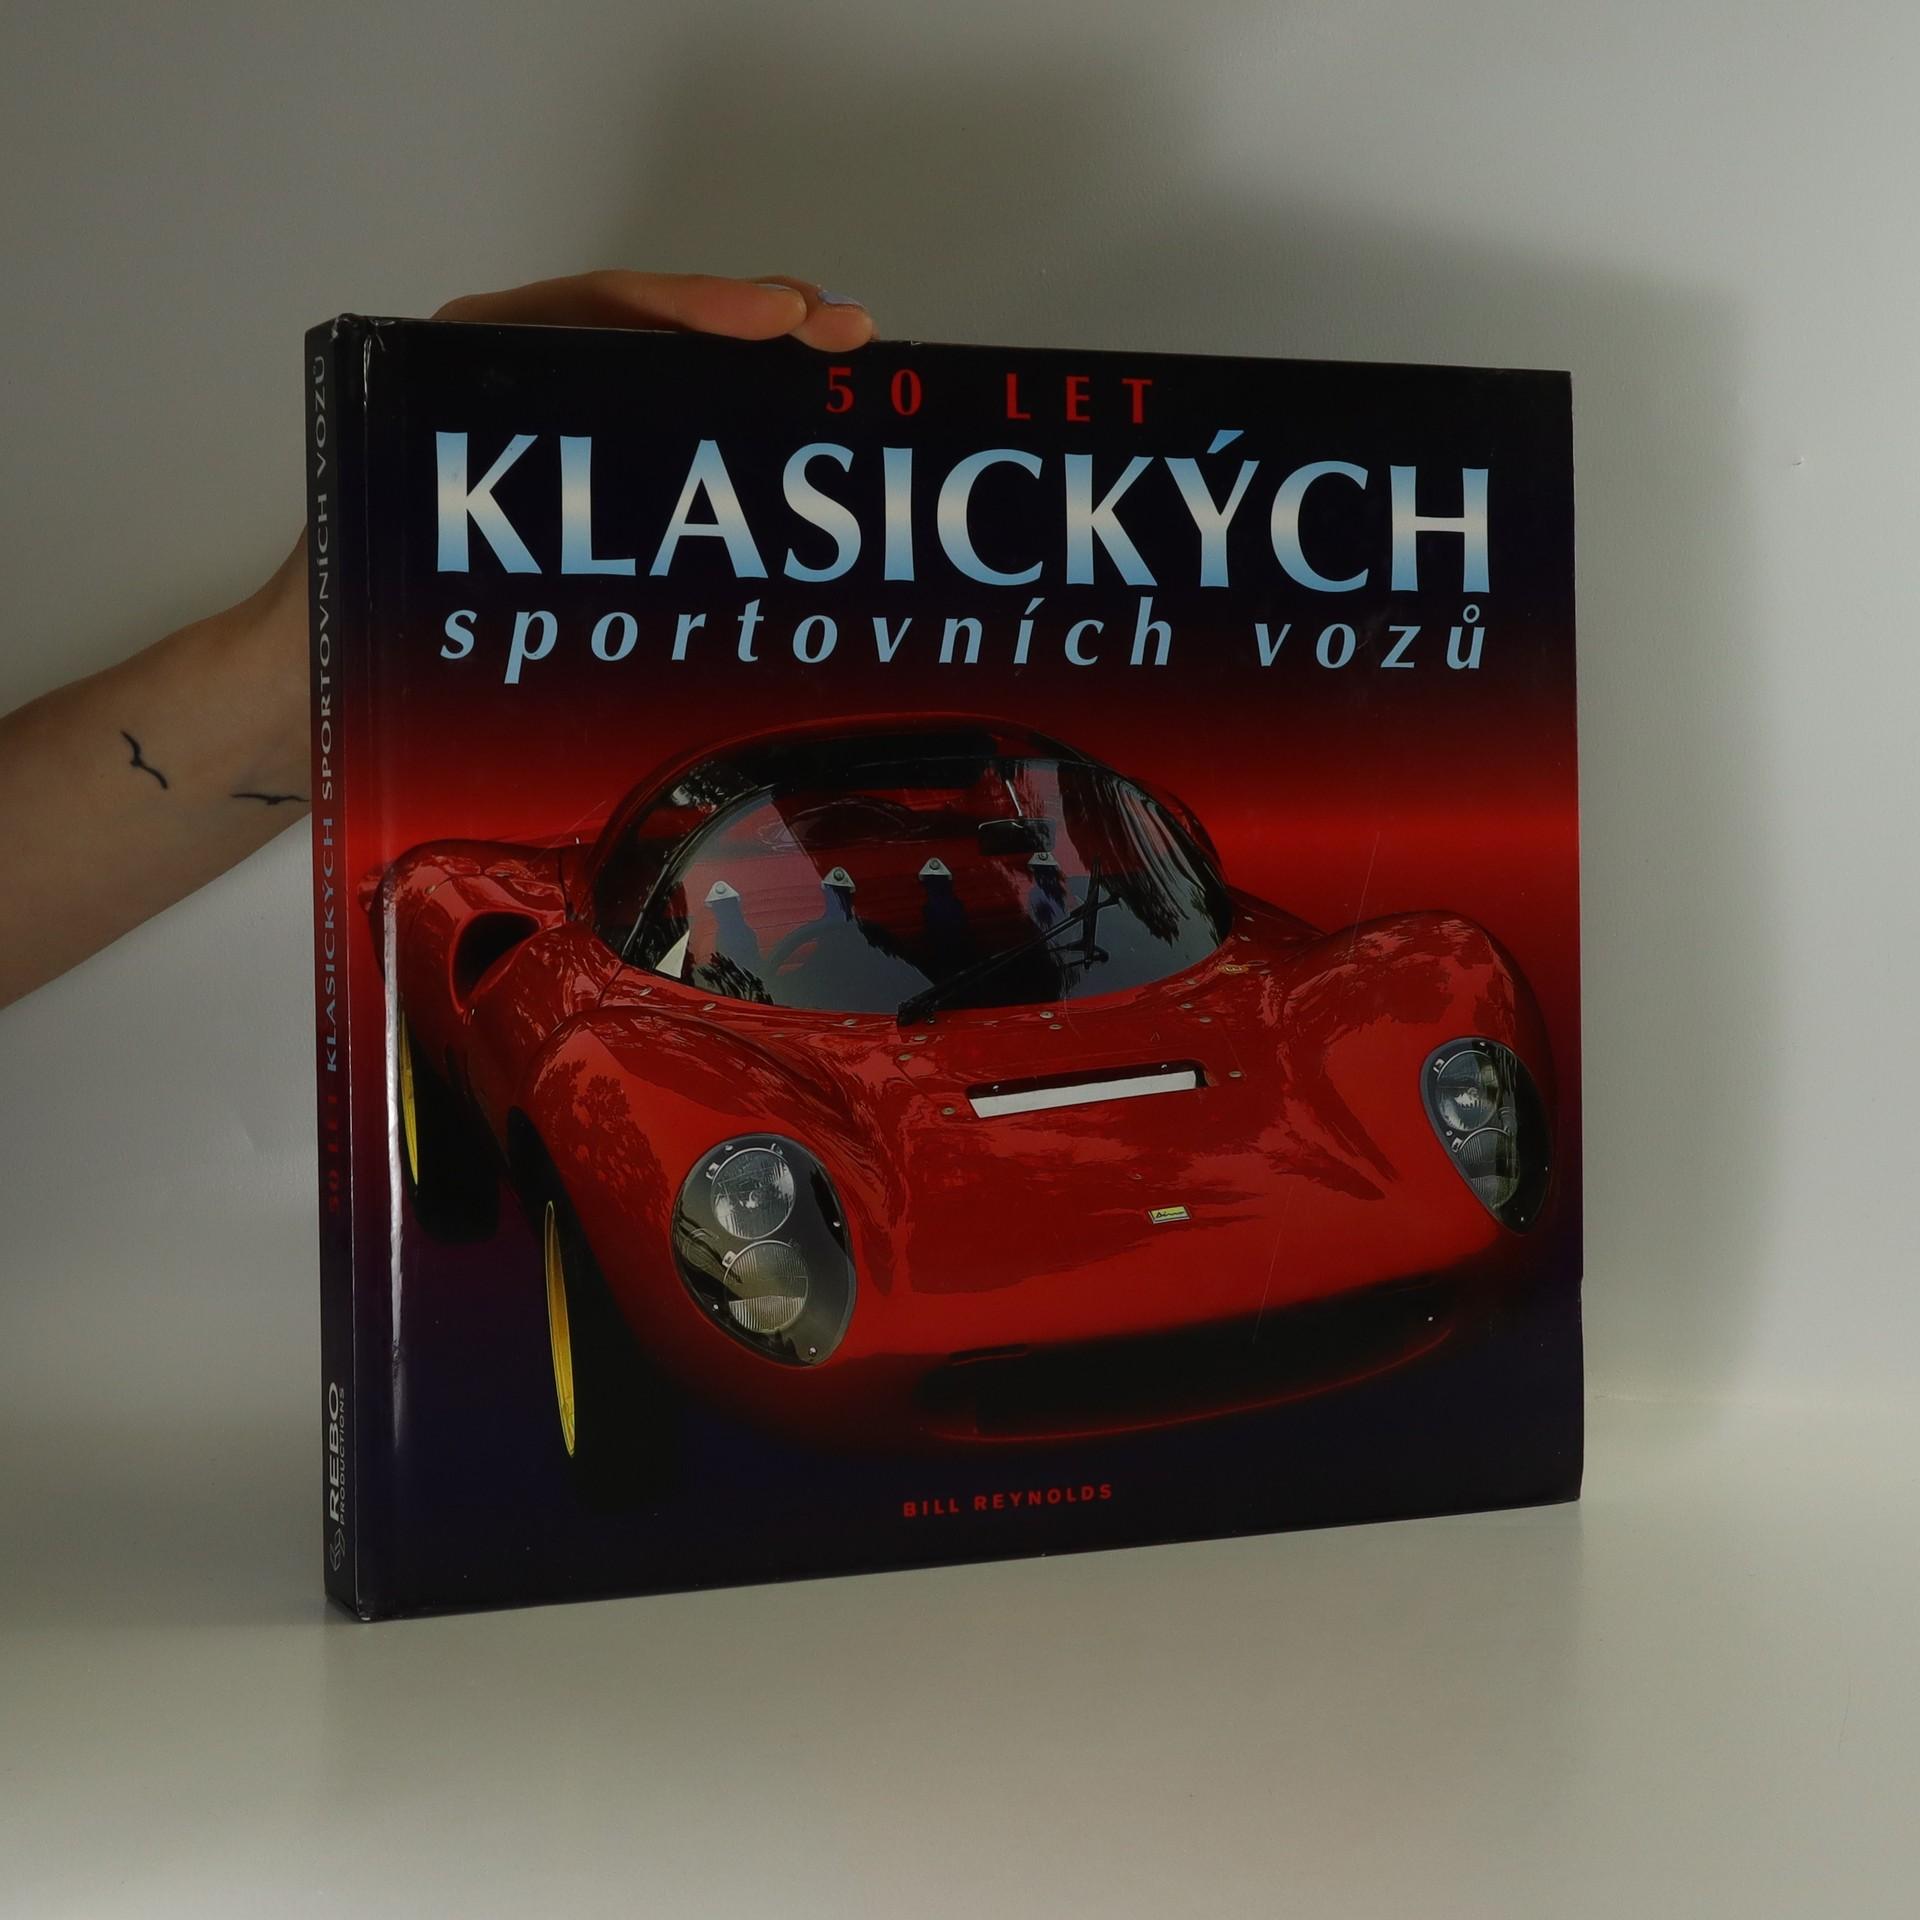 antikvární kniha 50 let klasických sportovních vozů, 1998